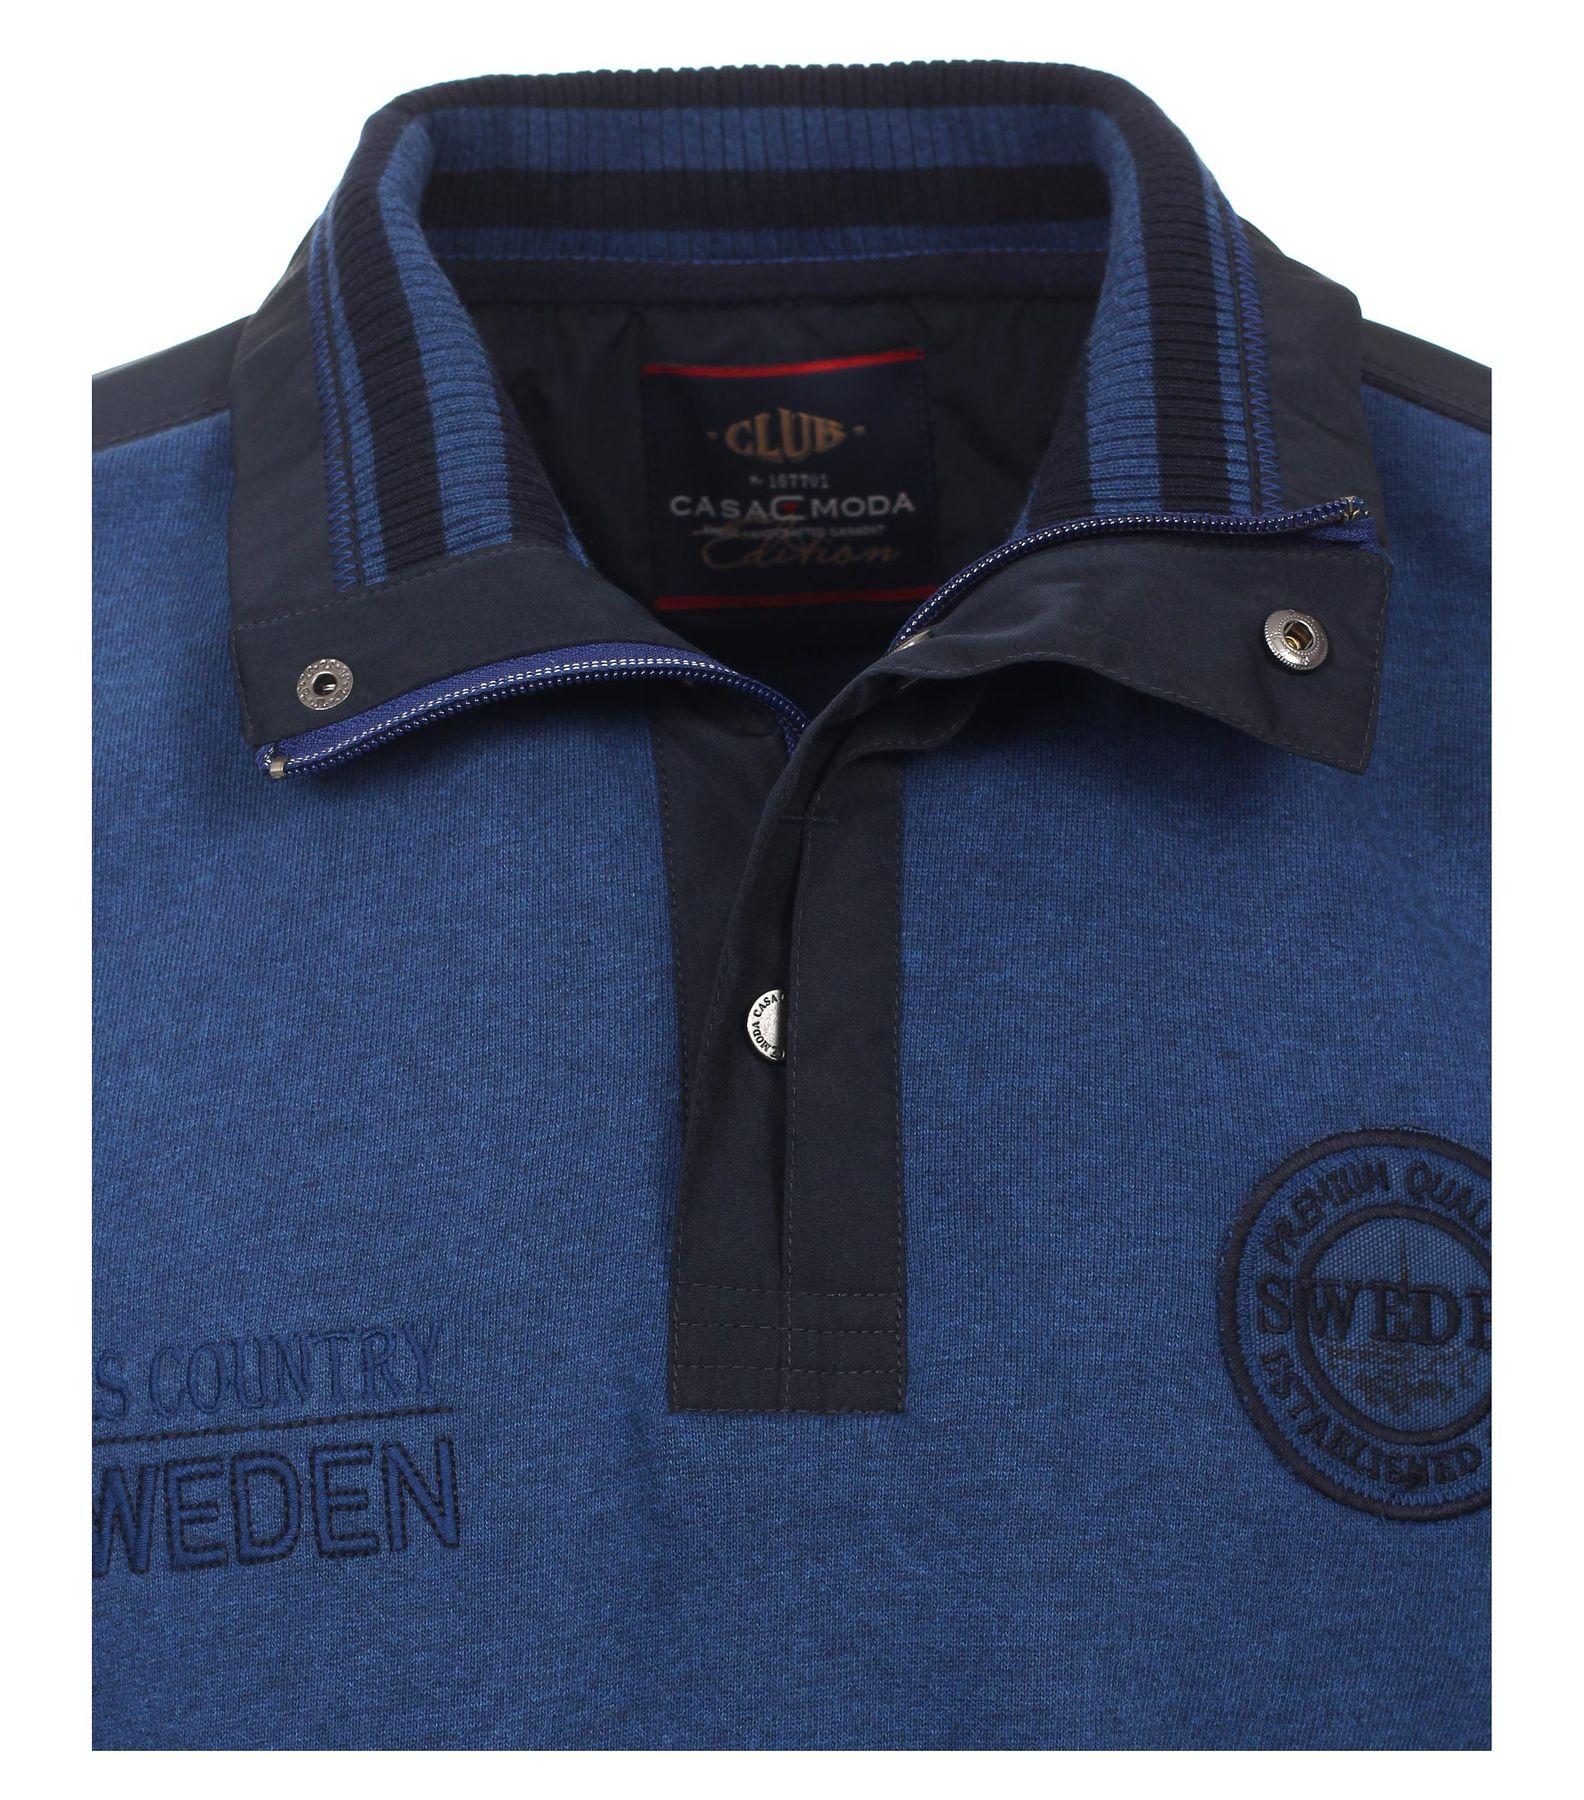 Casa Moda - Herren Sweat-Troyer mit Stickerei auf der Brust in Blau (472780600A) – Bild 3